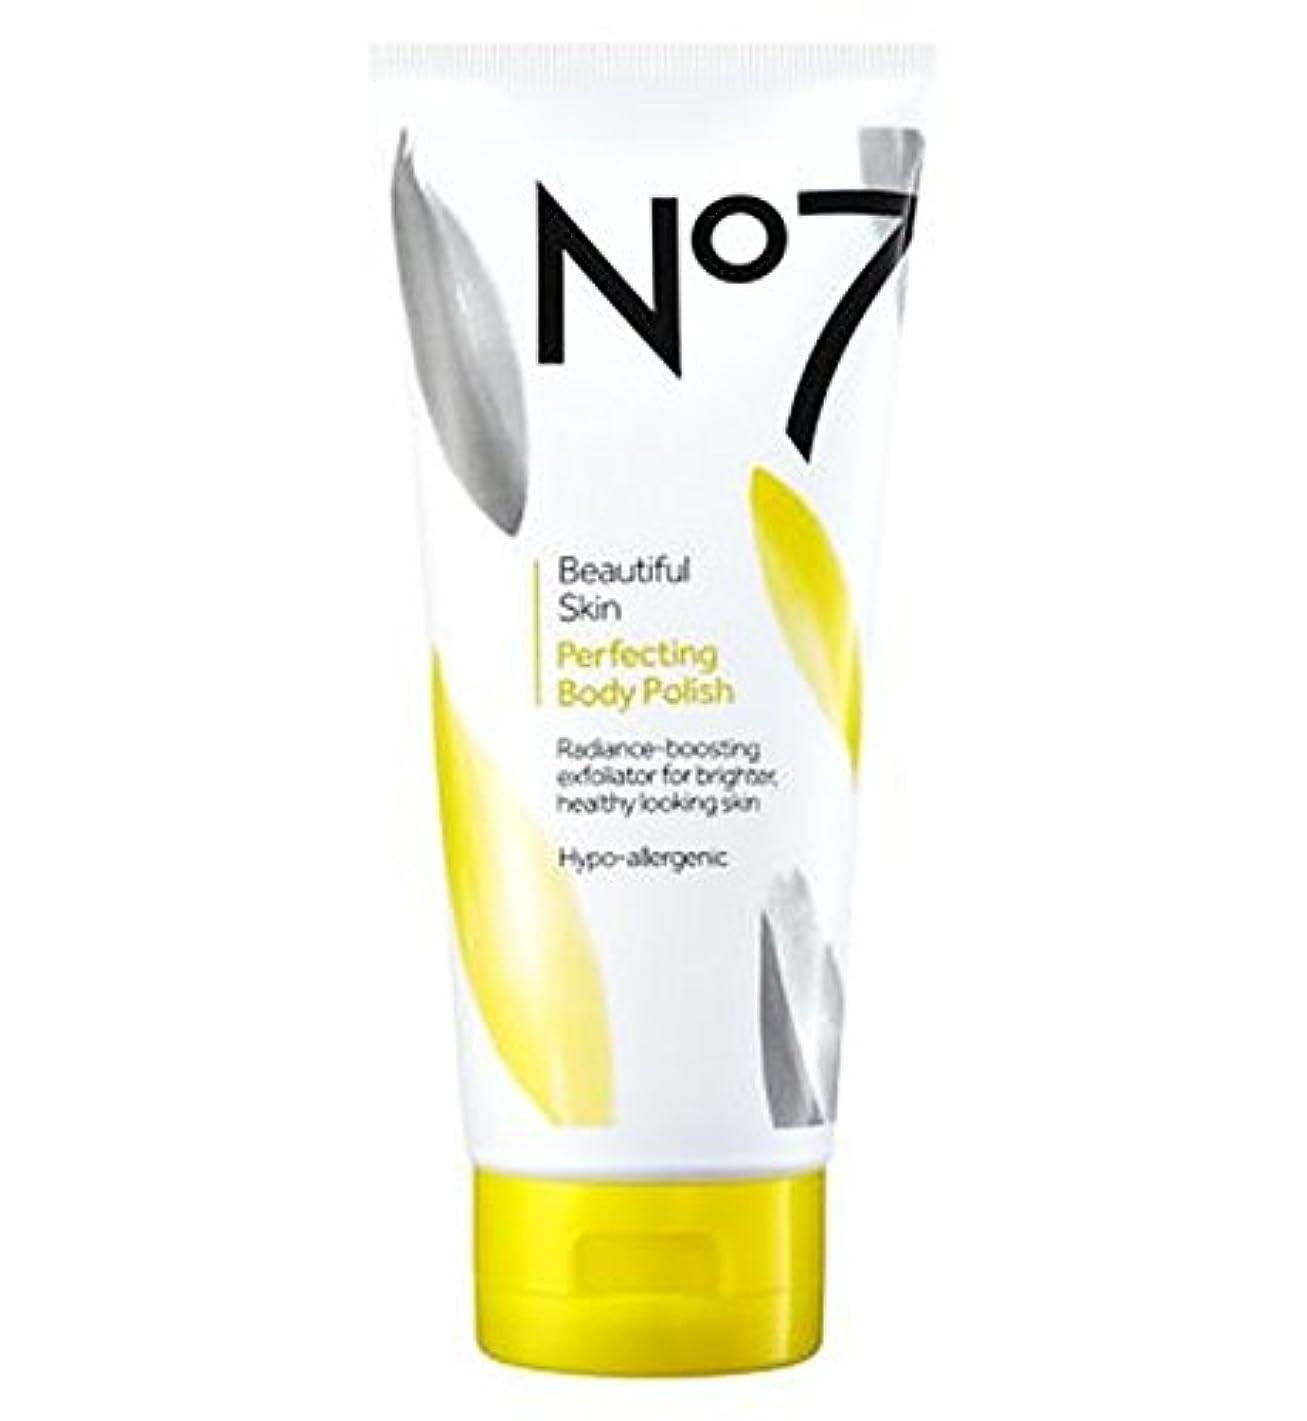 追加お嬢拮抗するNo7 Beautiful Skin Perfecting Body Polish - ボディポリッシュを完成No7美肌 (No7) [並行輸入品]